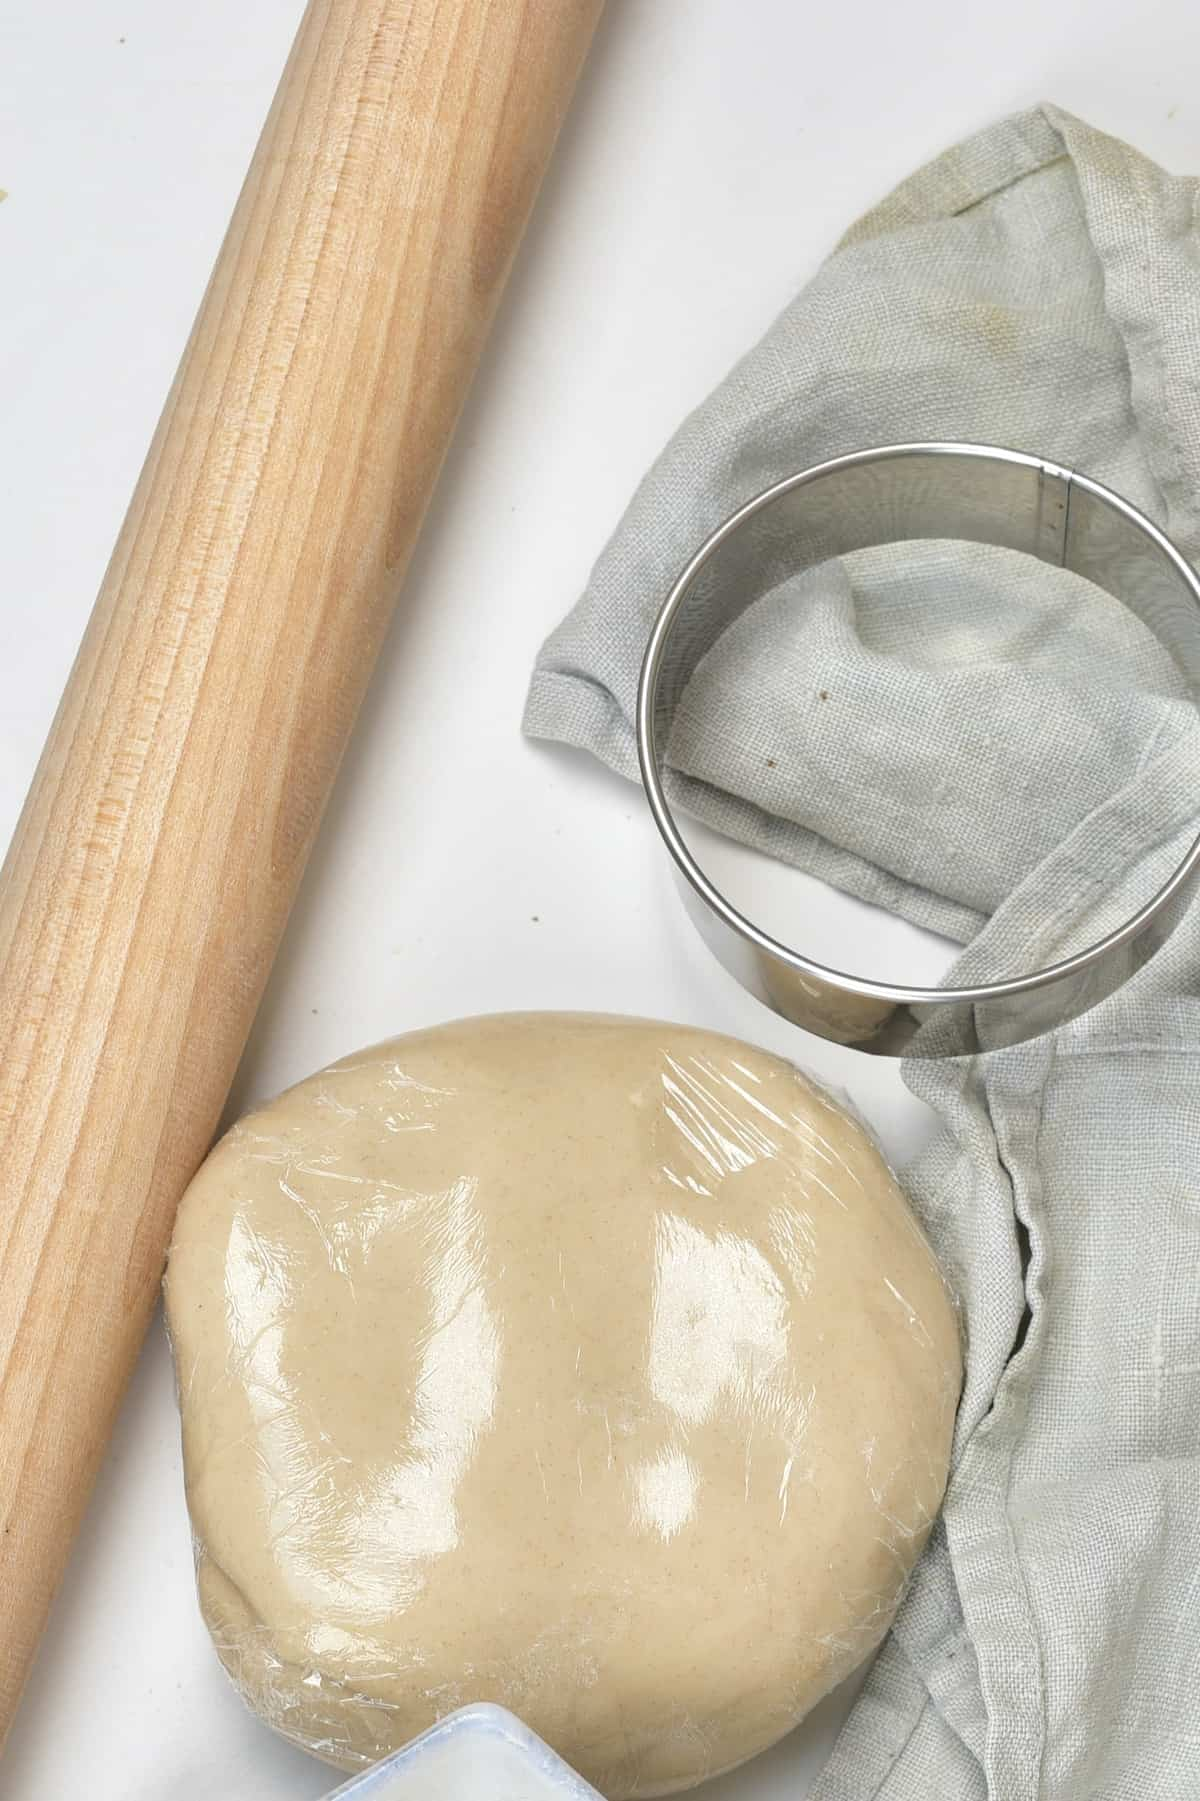 Tools for making dumplings